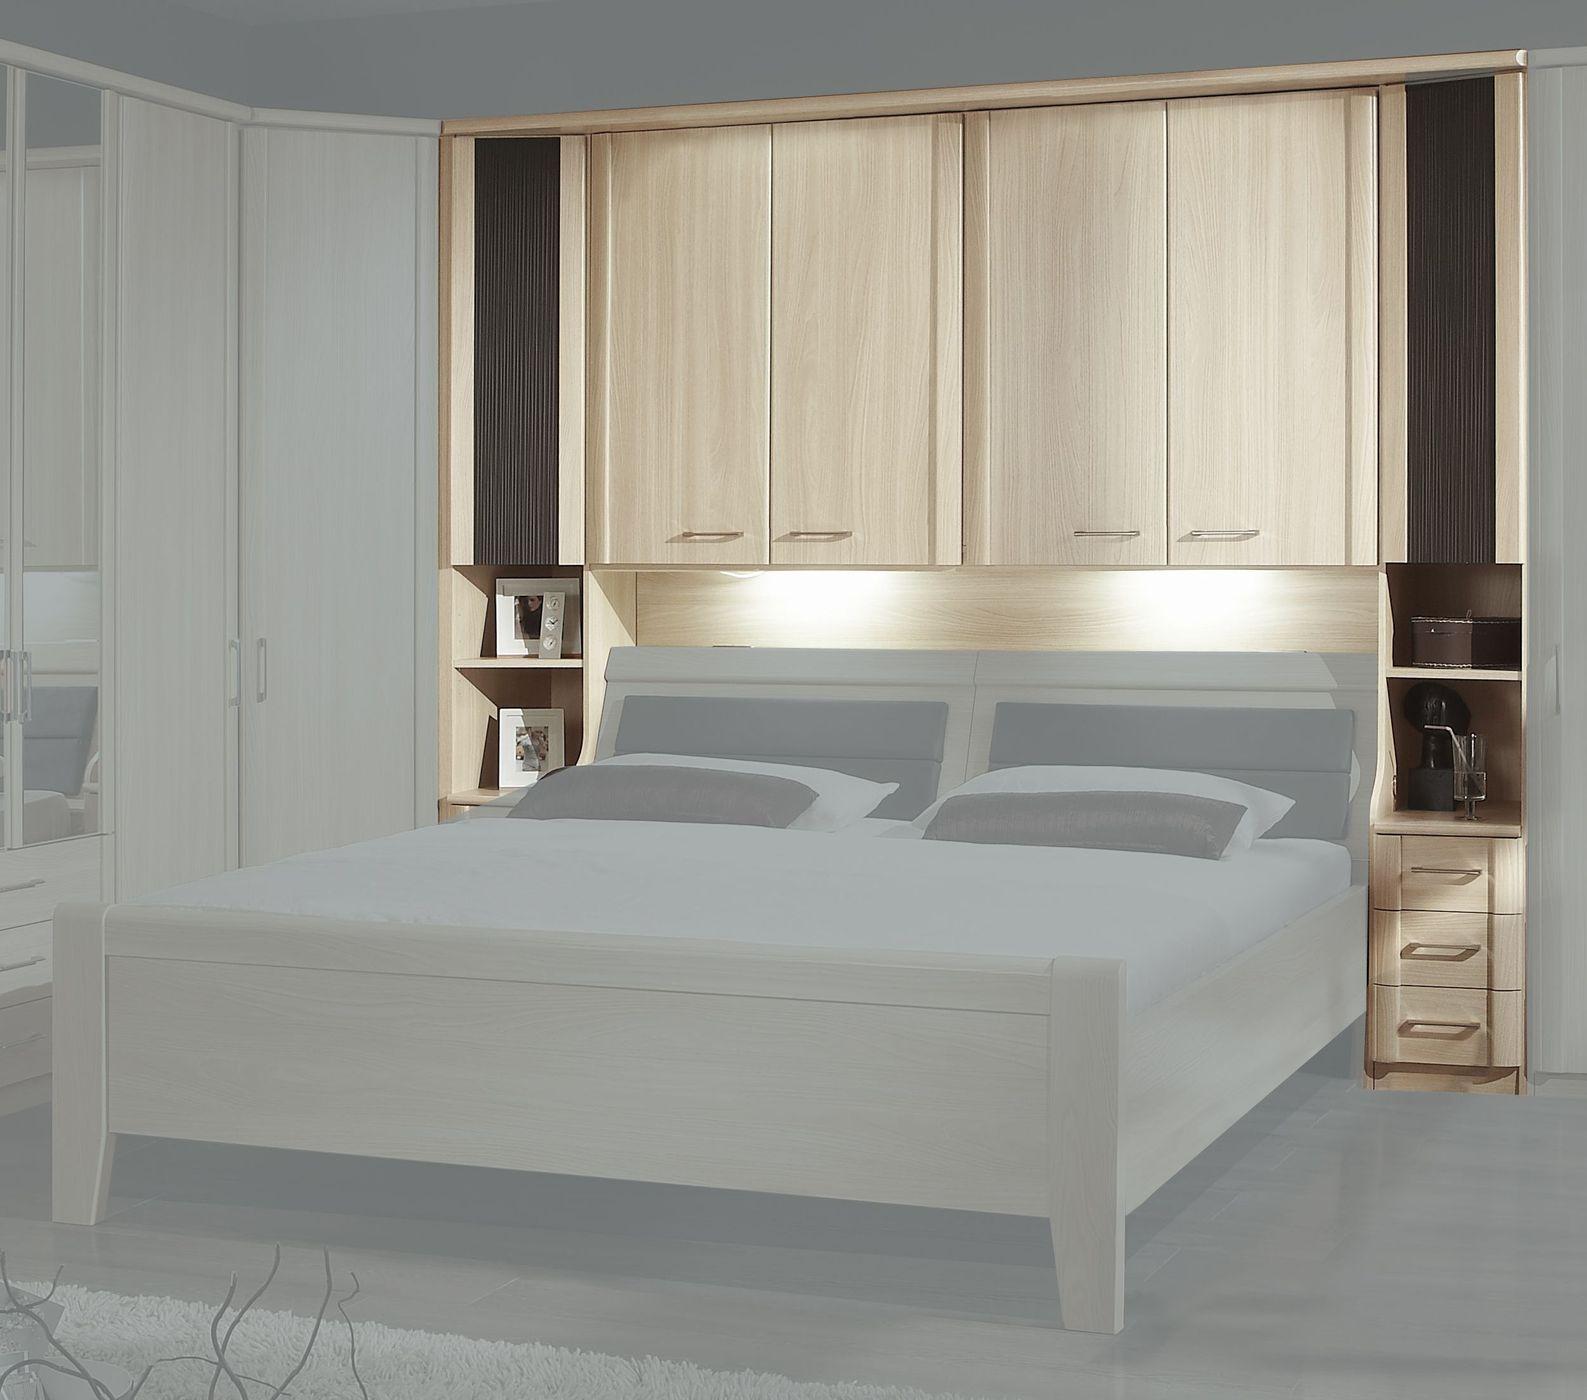 bettbr cke swalif. Black Bedroom Furniture Sets. Home Design Ideas